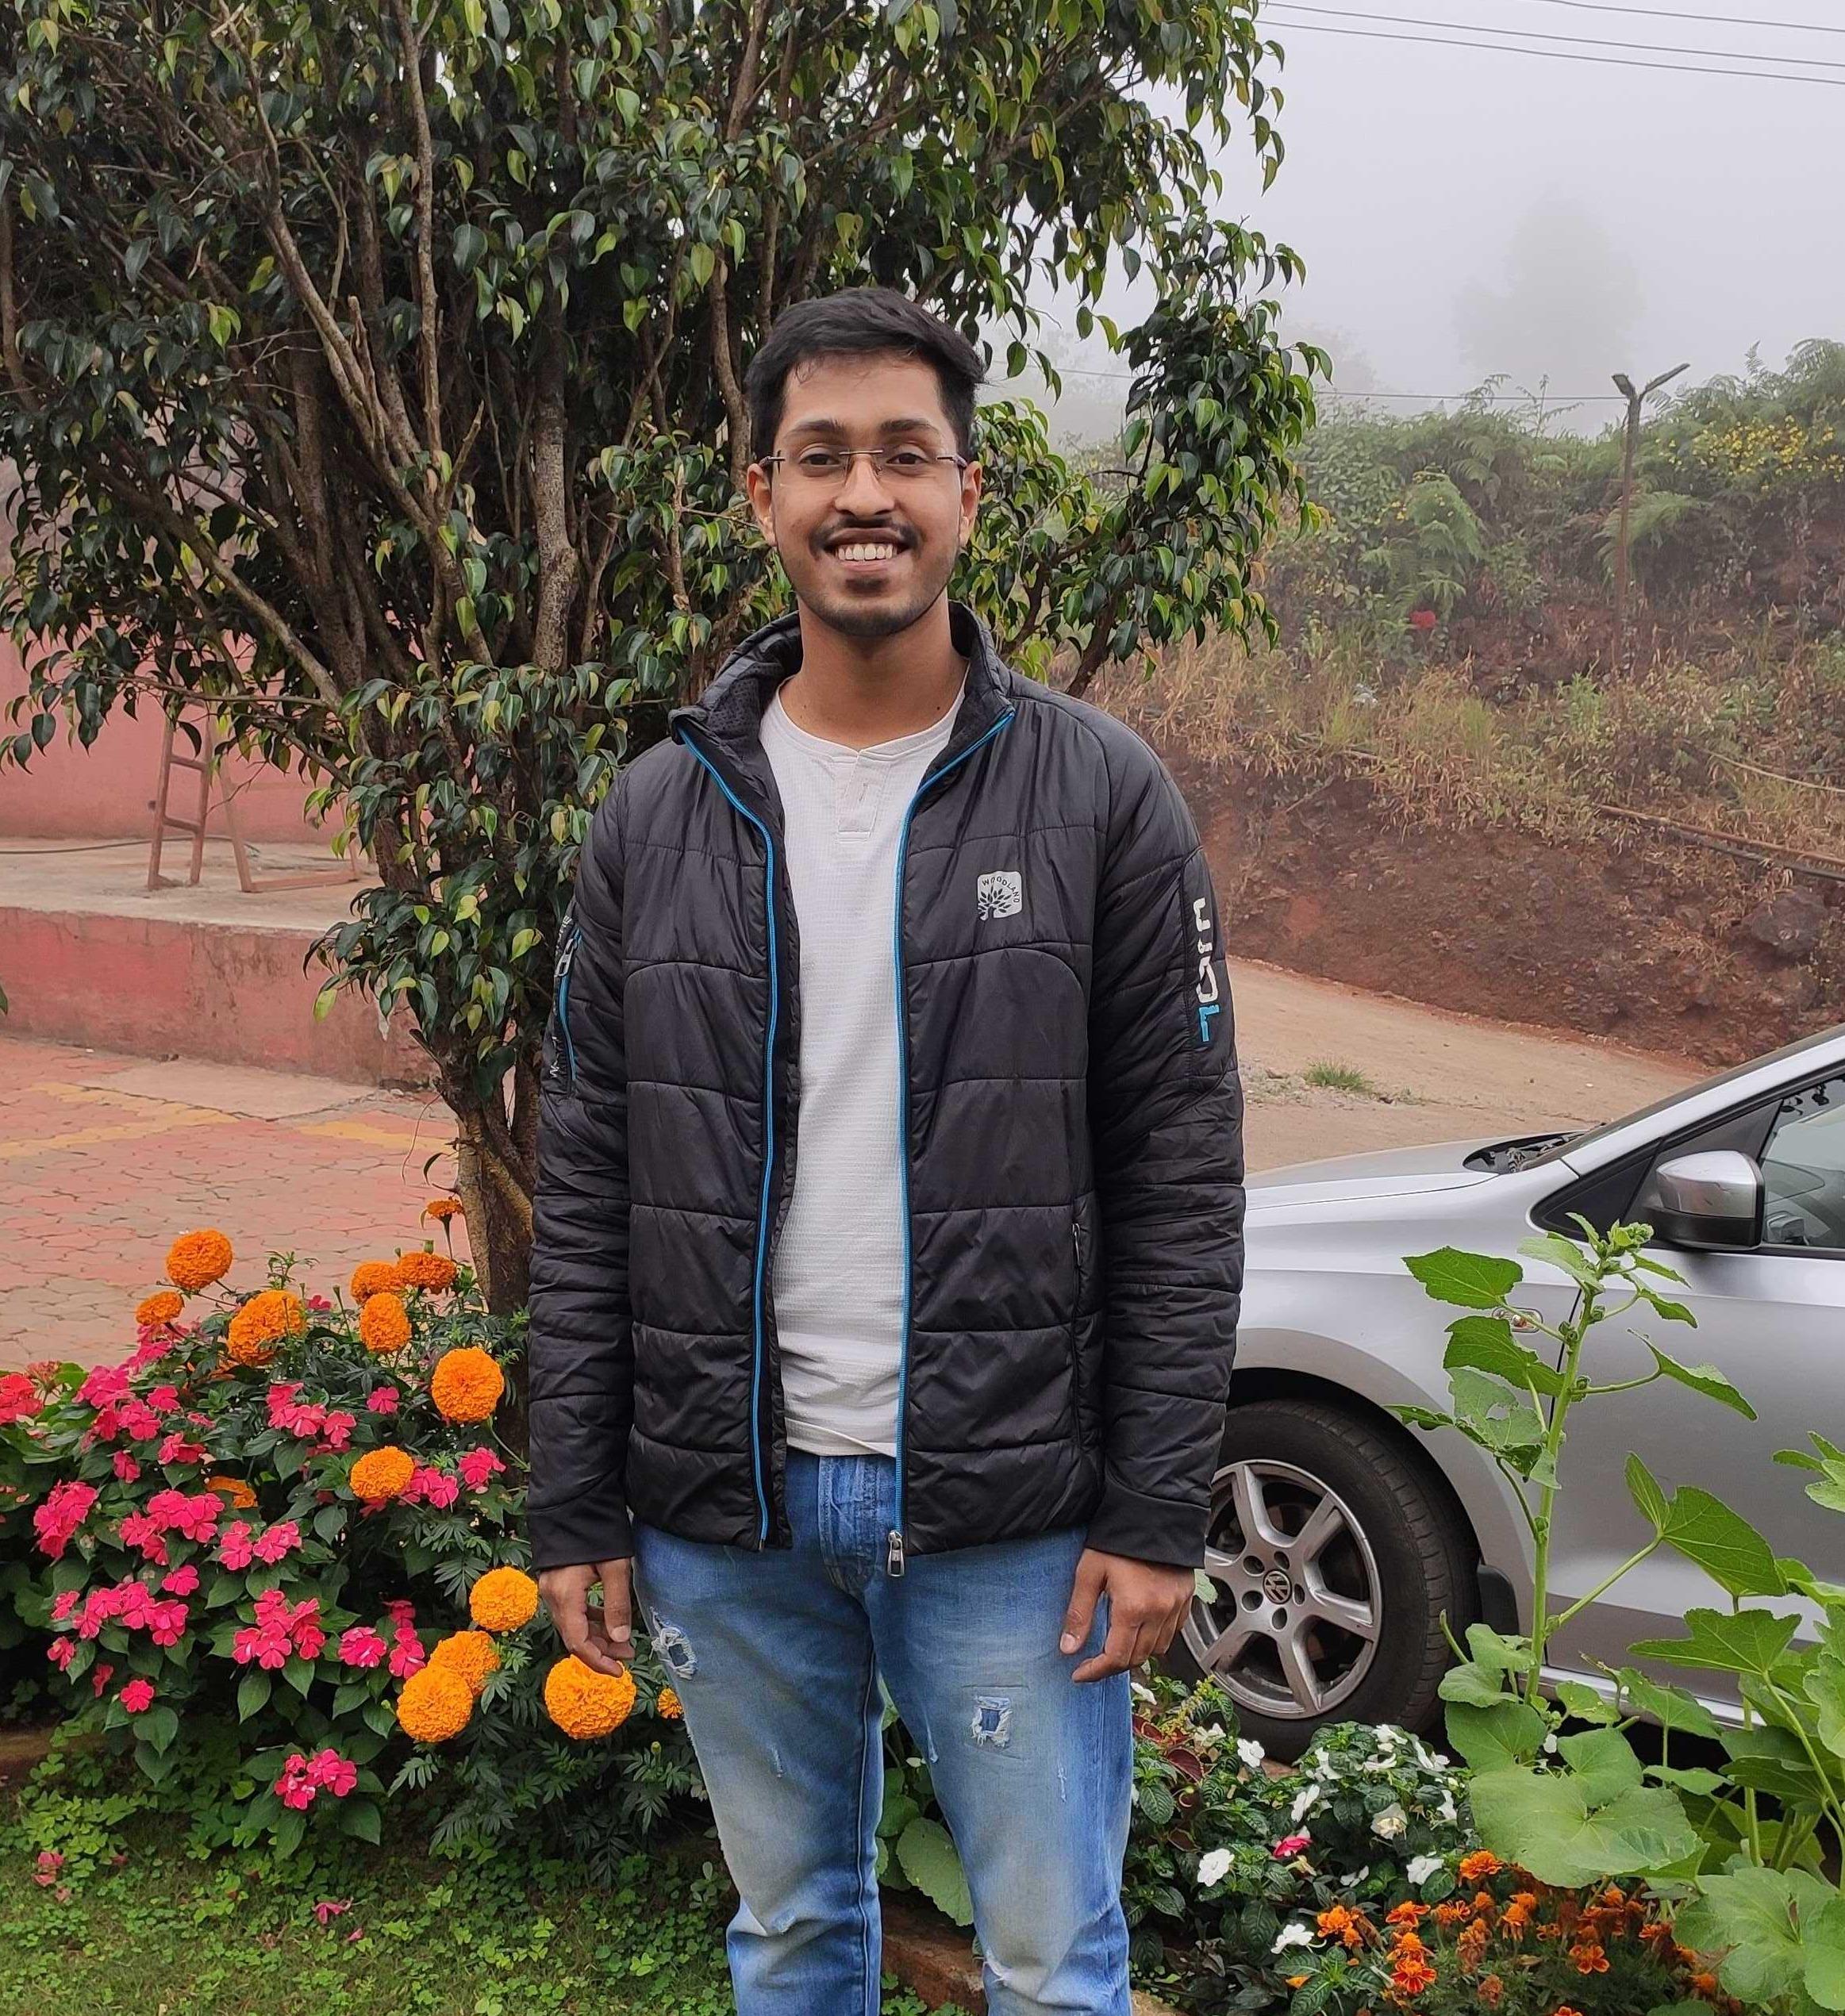 Anshul Porwal